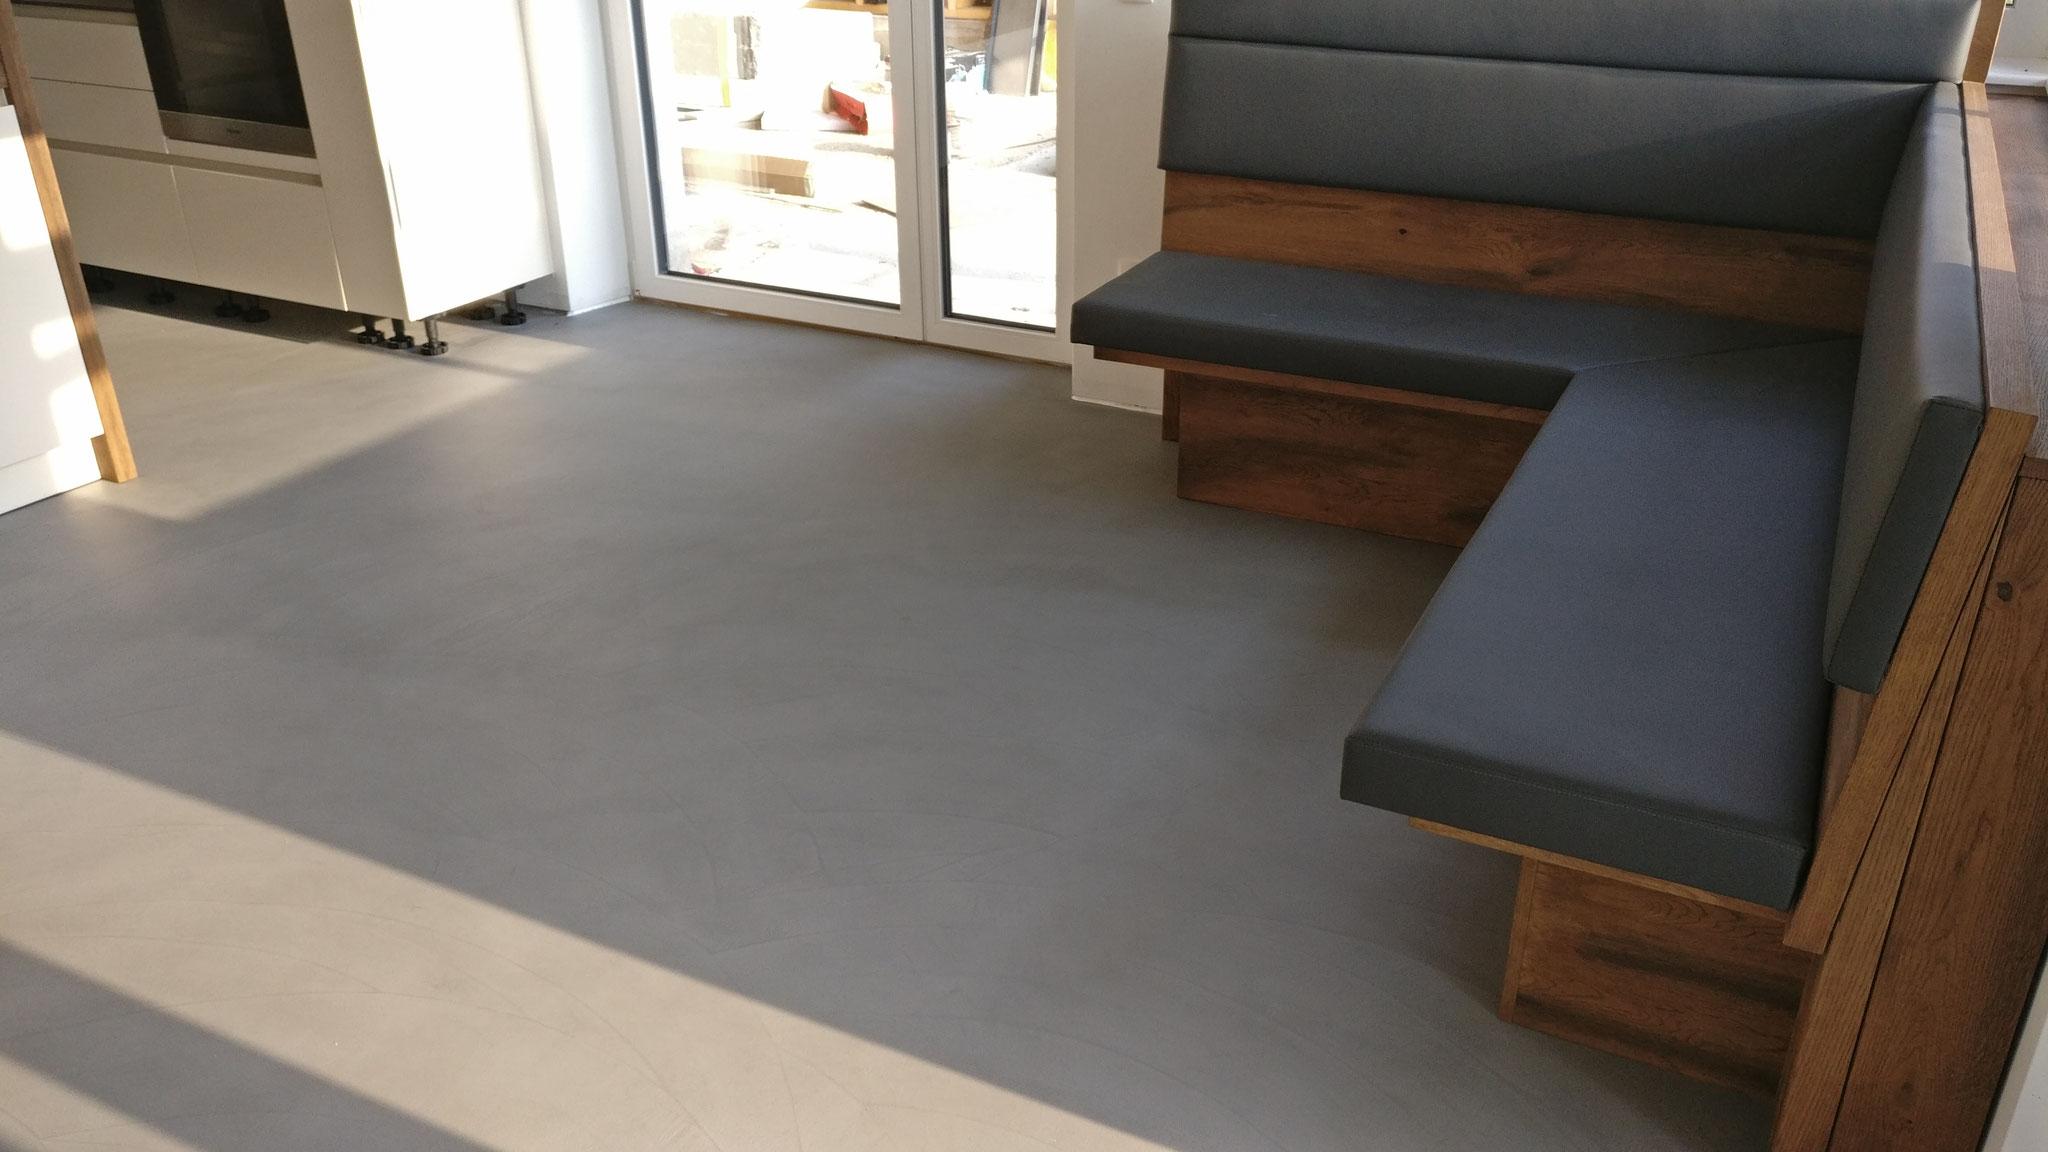 Küchenboden in Hellgrauem Beton